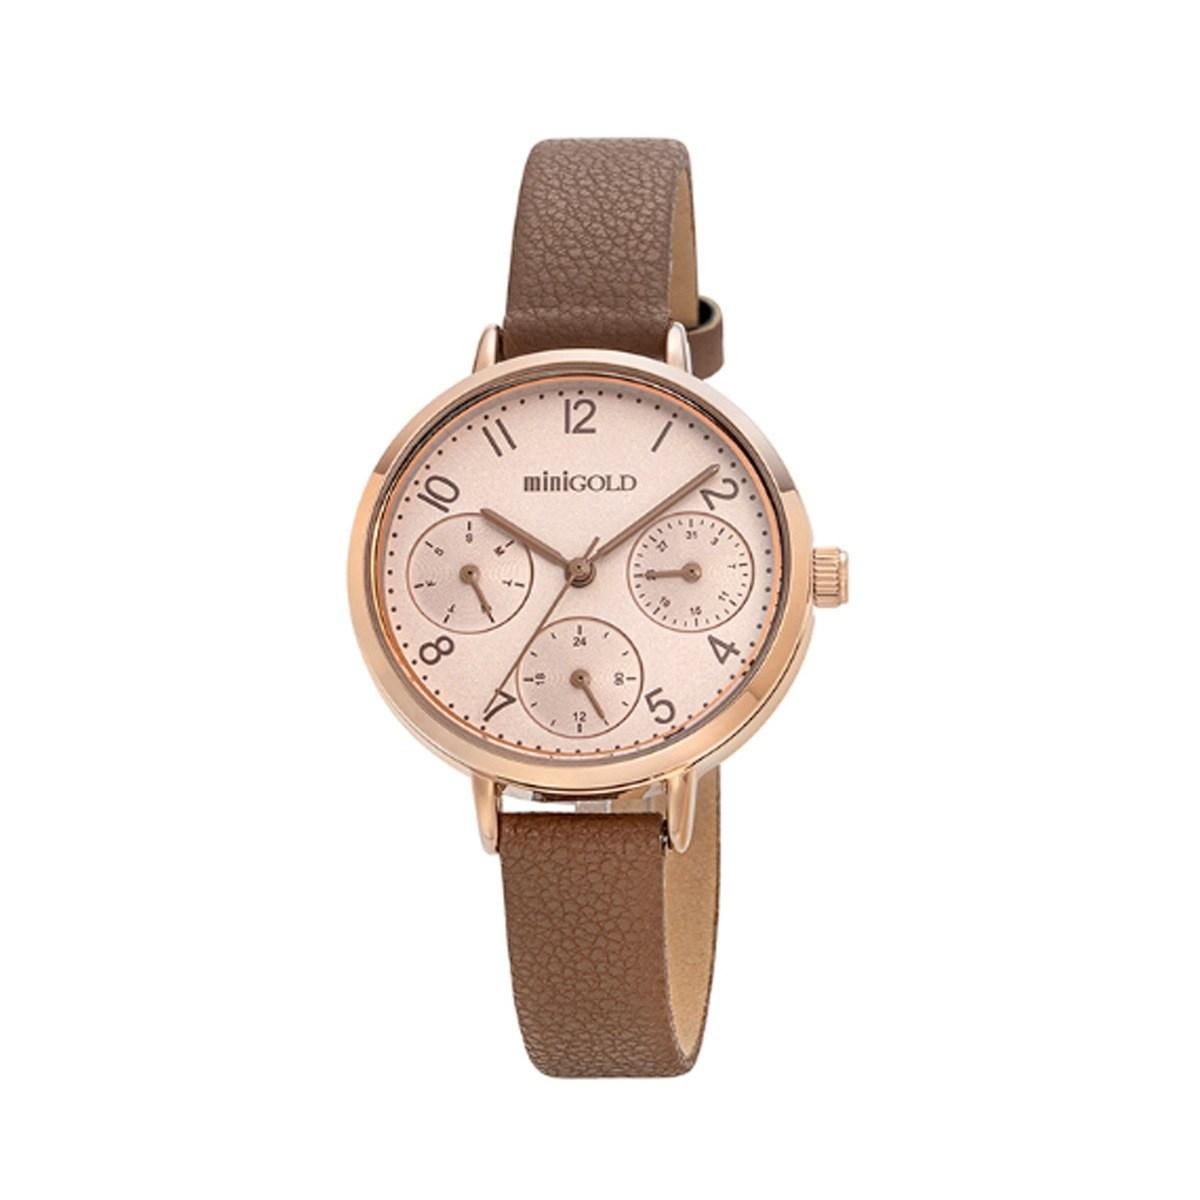 미니골드 클래식라인 베이지 시계 W220LWBE